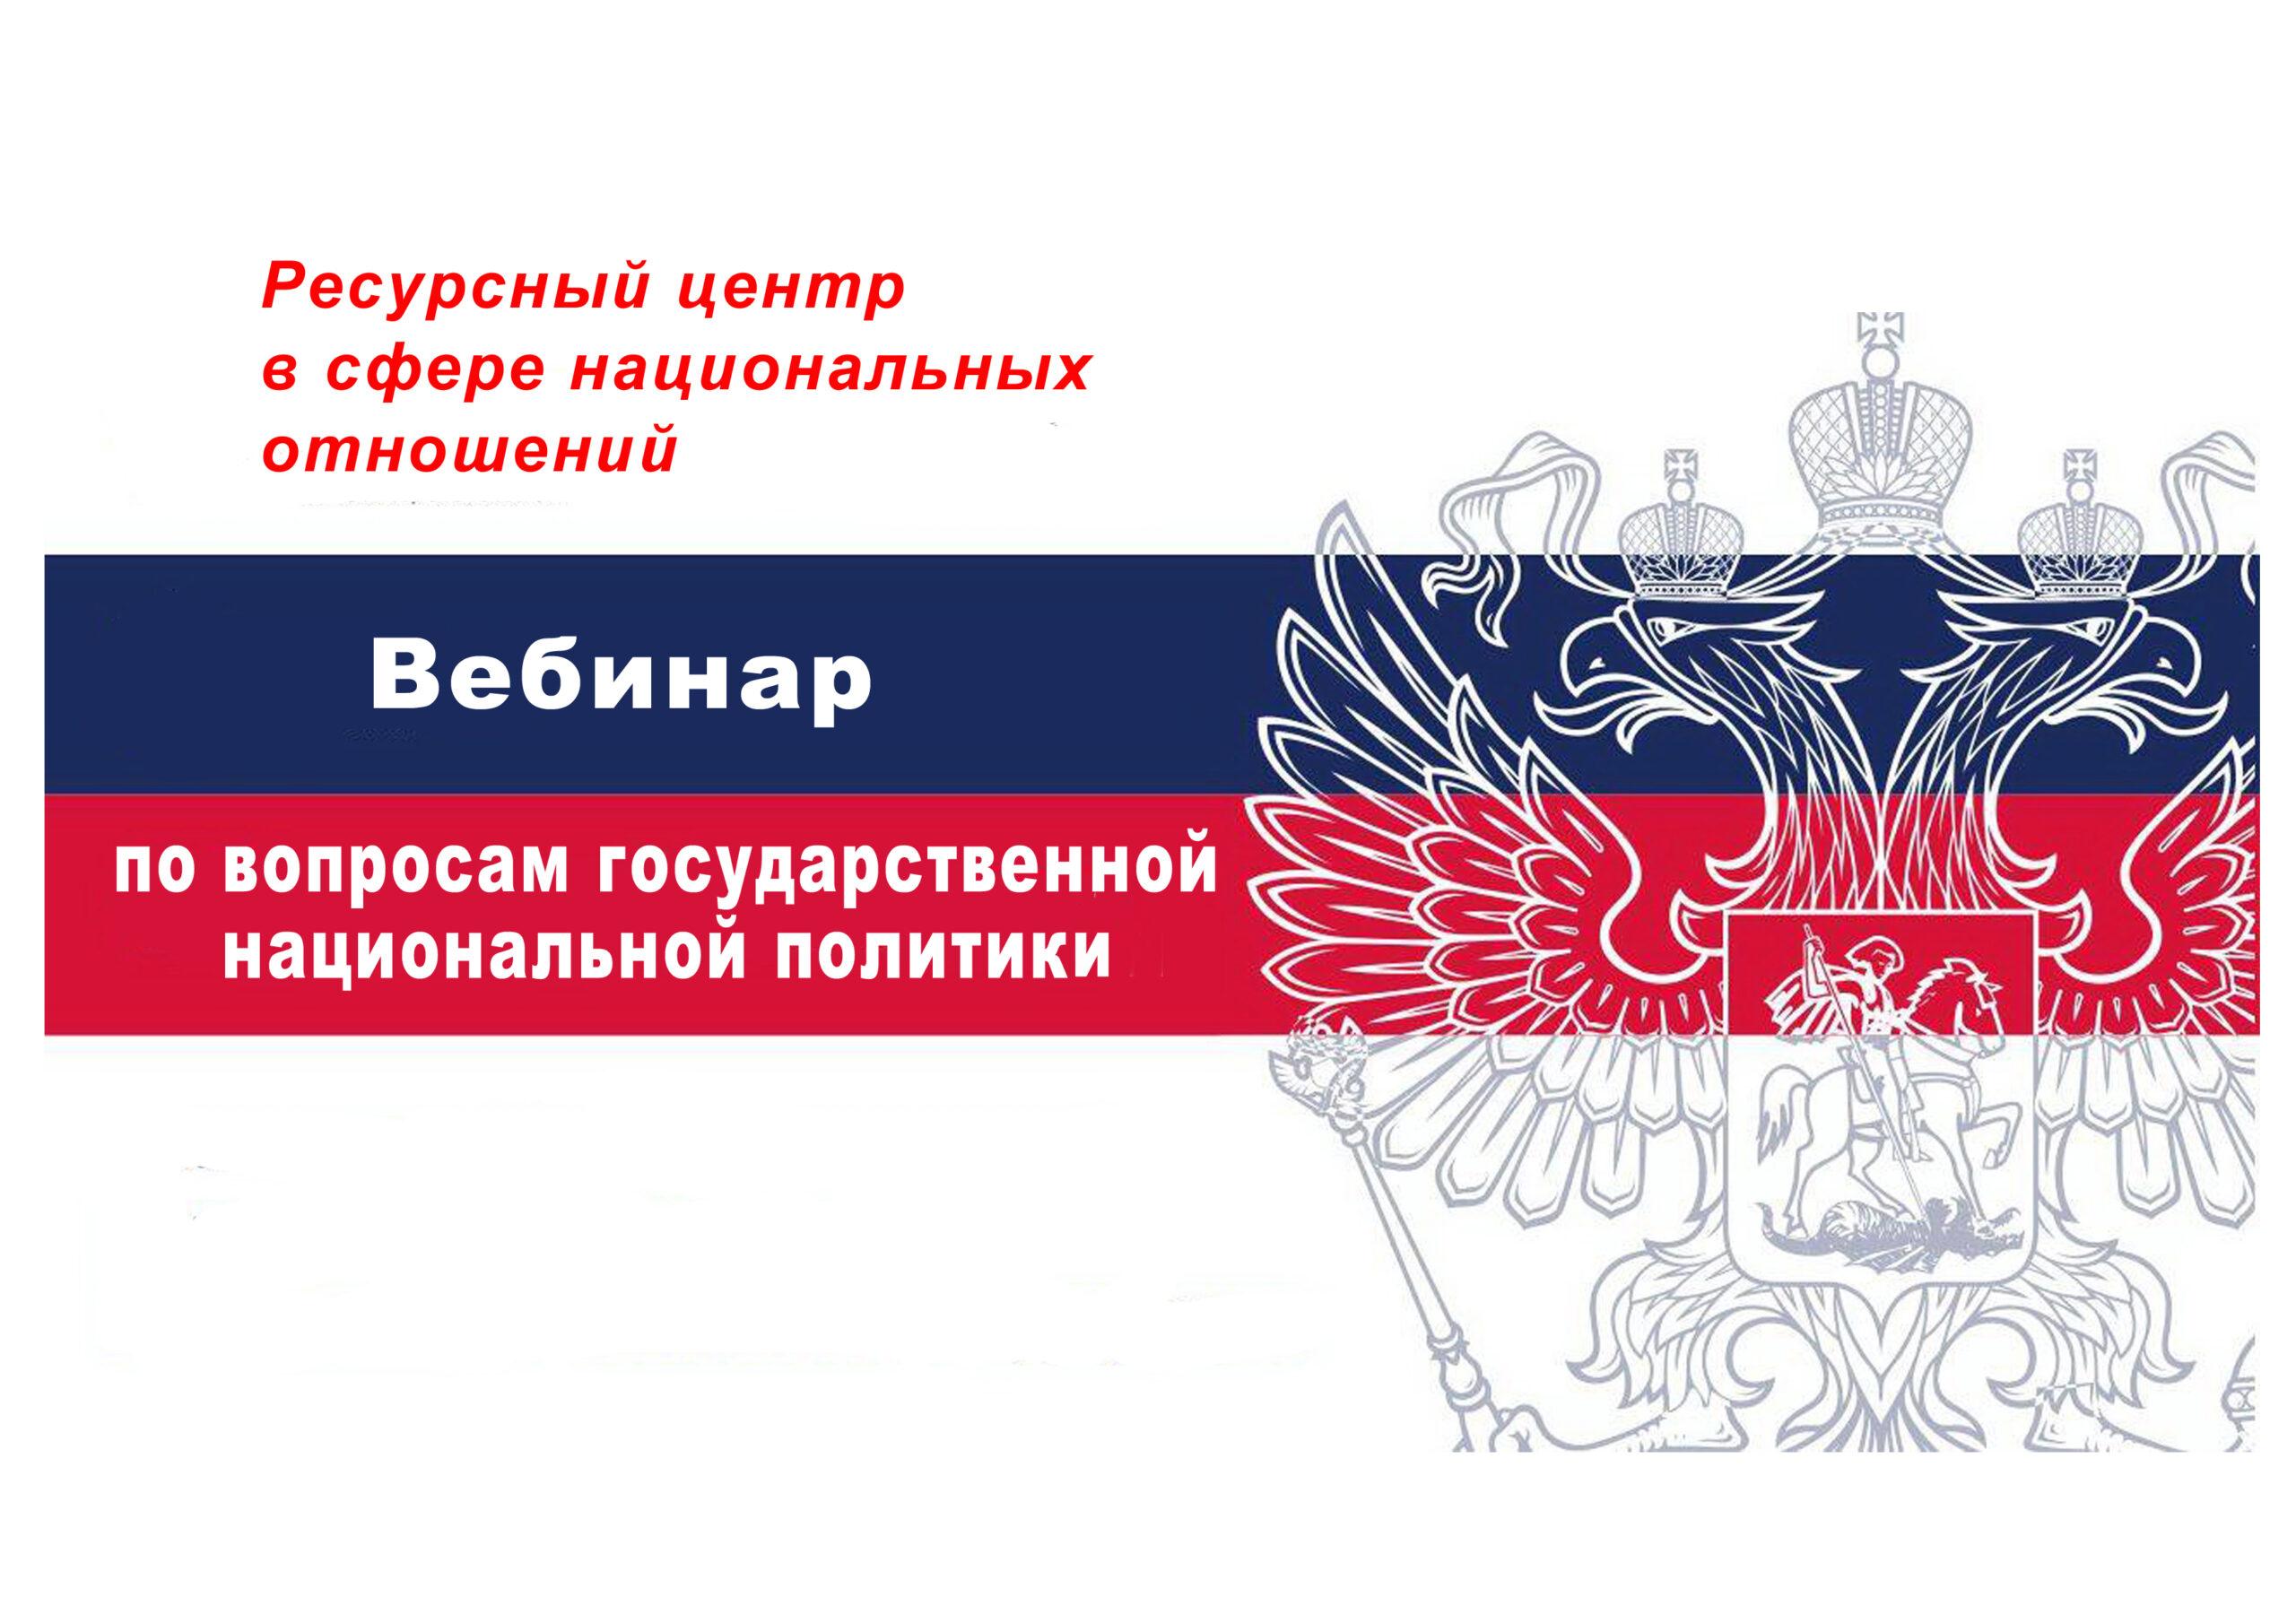 Специалисты Центра народной культуры приняли участие в вебинаре по вопросам государственной национальной политики Российской Федерации